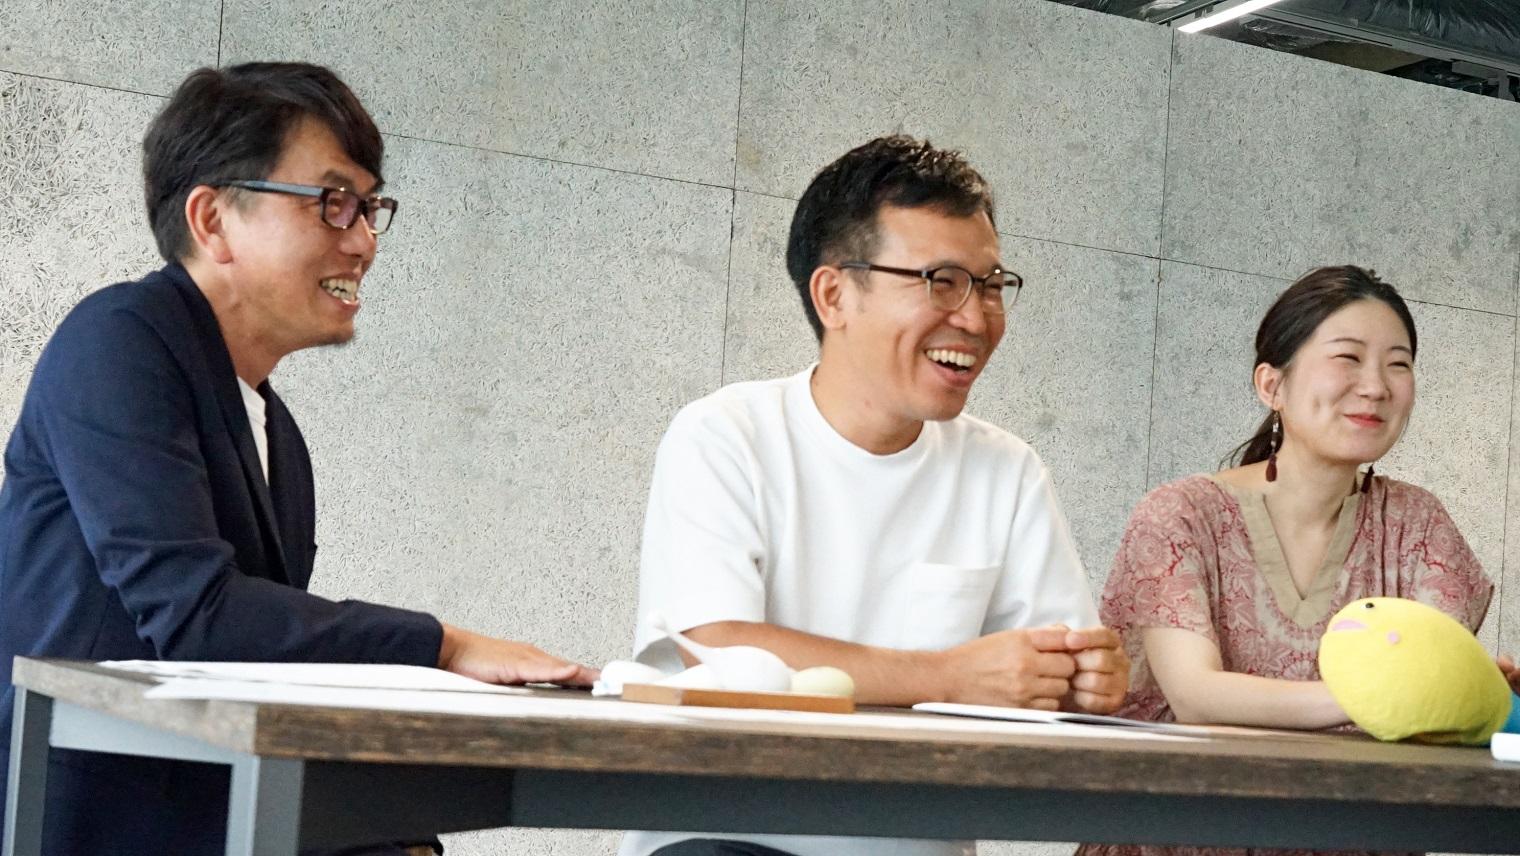 ソニー株式会社クリエイティブセンター 細田 育英、城ヶ野 修啓、鈴木 亜弥